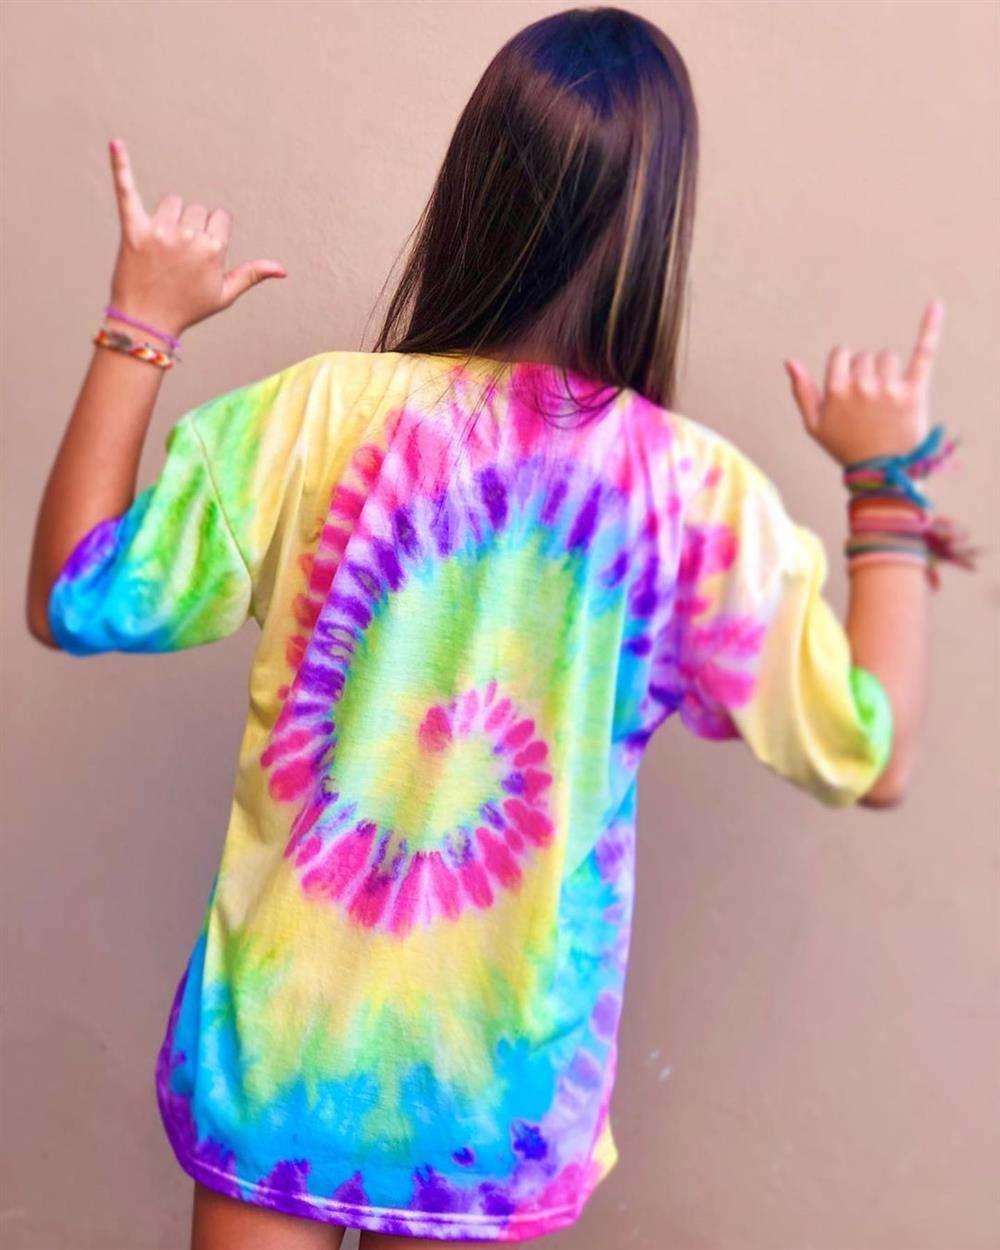 camiseta con efecto tie dye en espiral